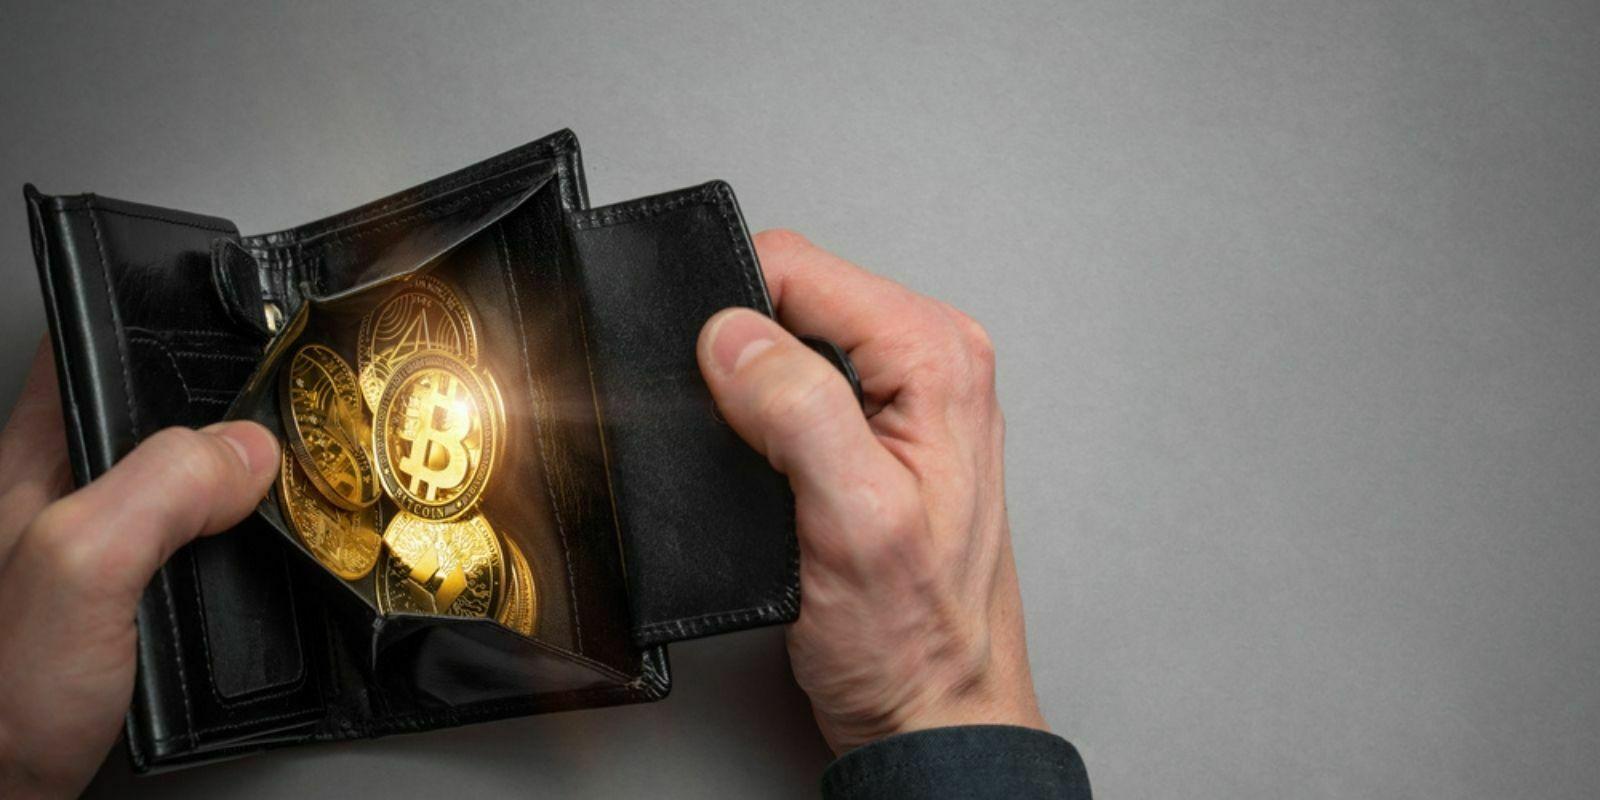 Un wallet avec 70 000 bitcoins (BTC) mis en vente pour 1 000$ ?